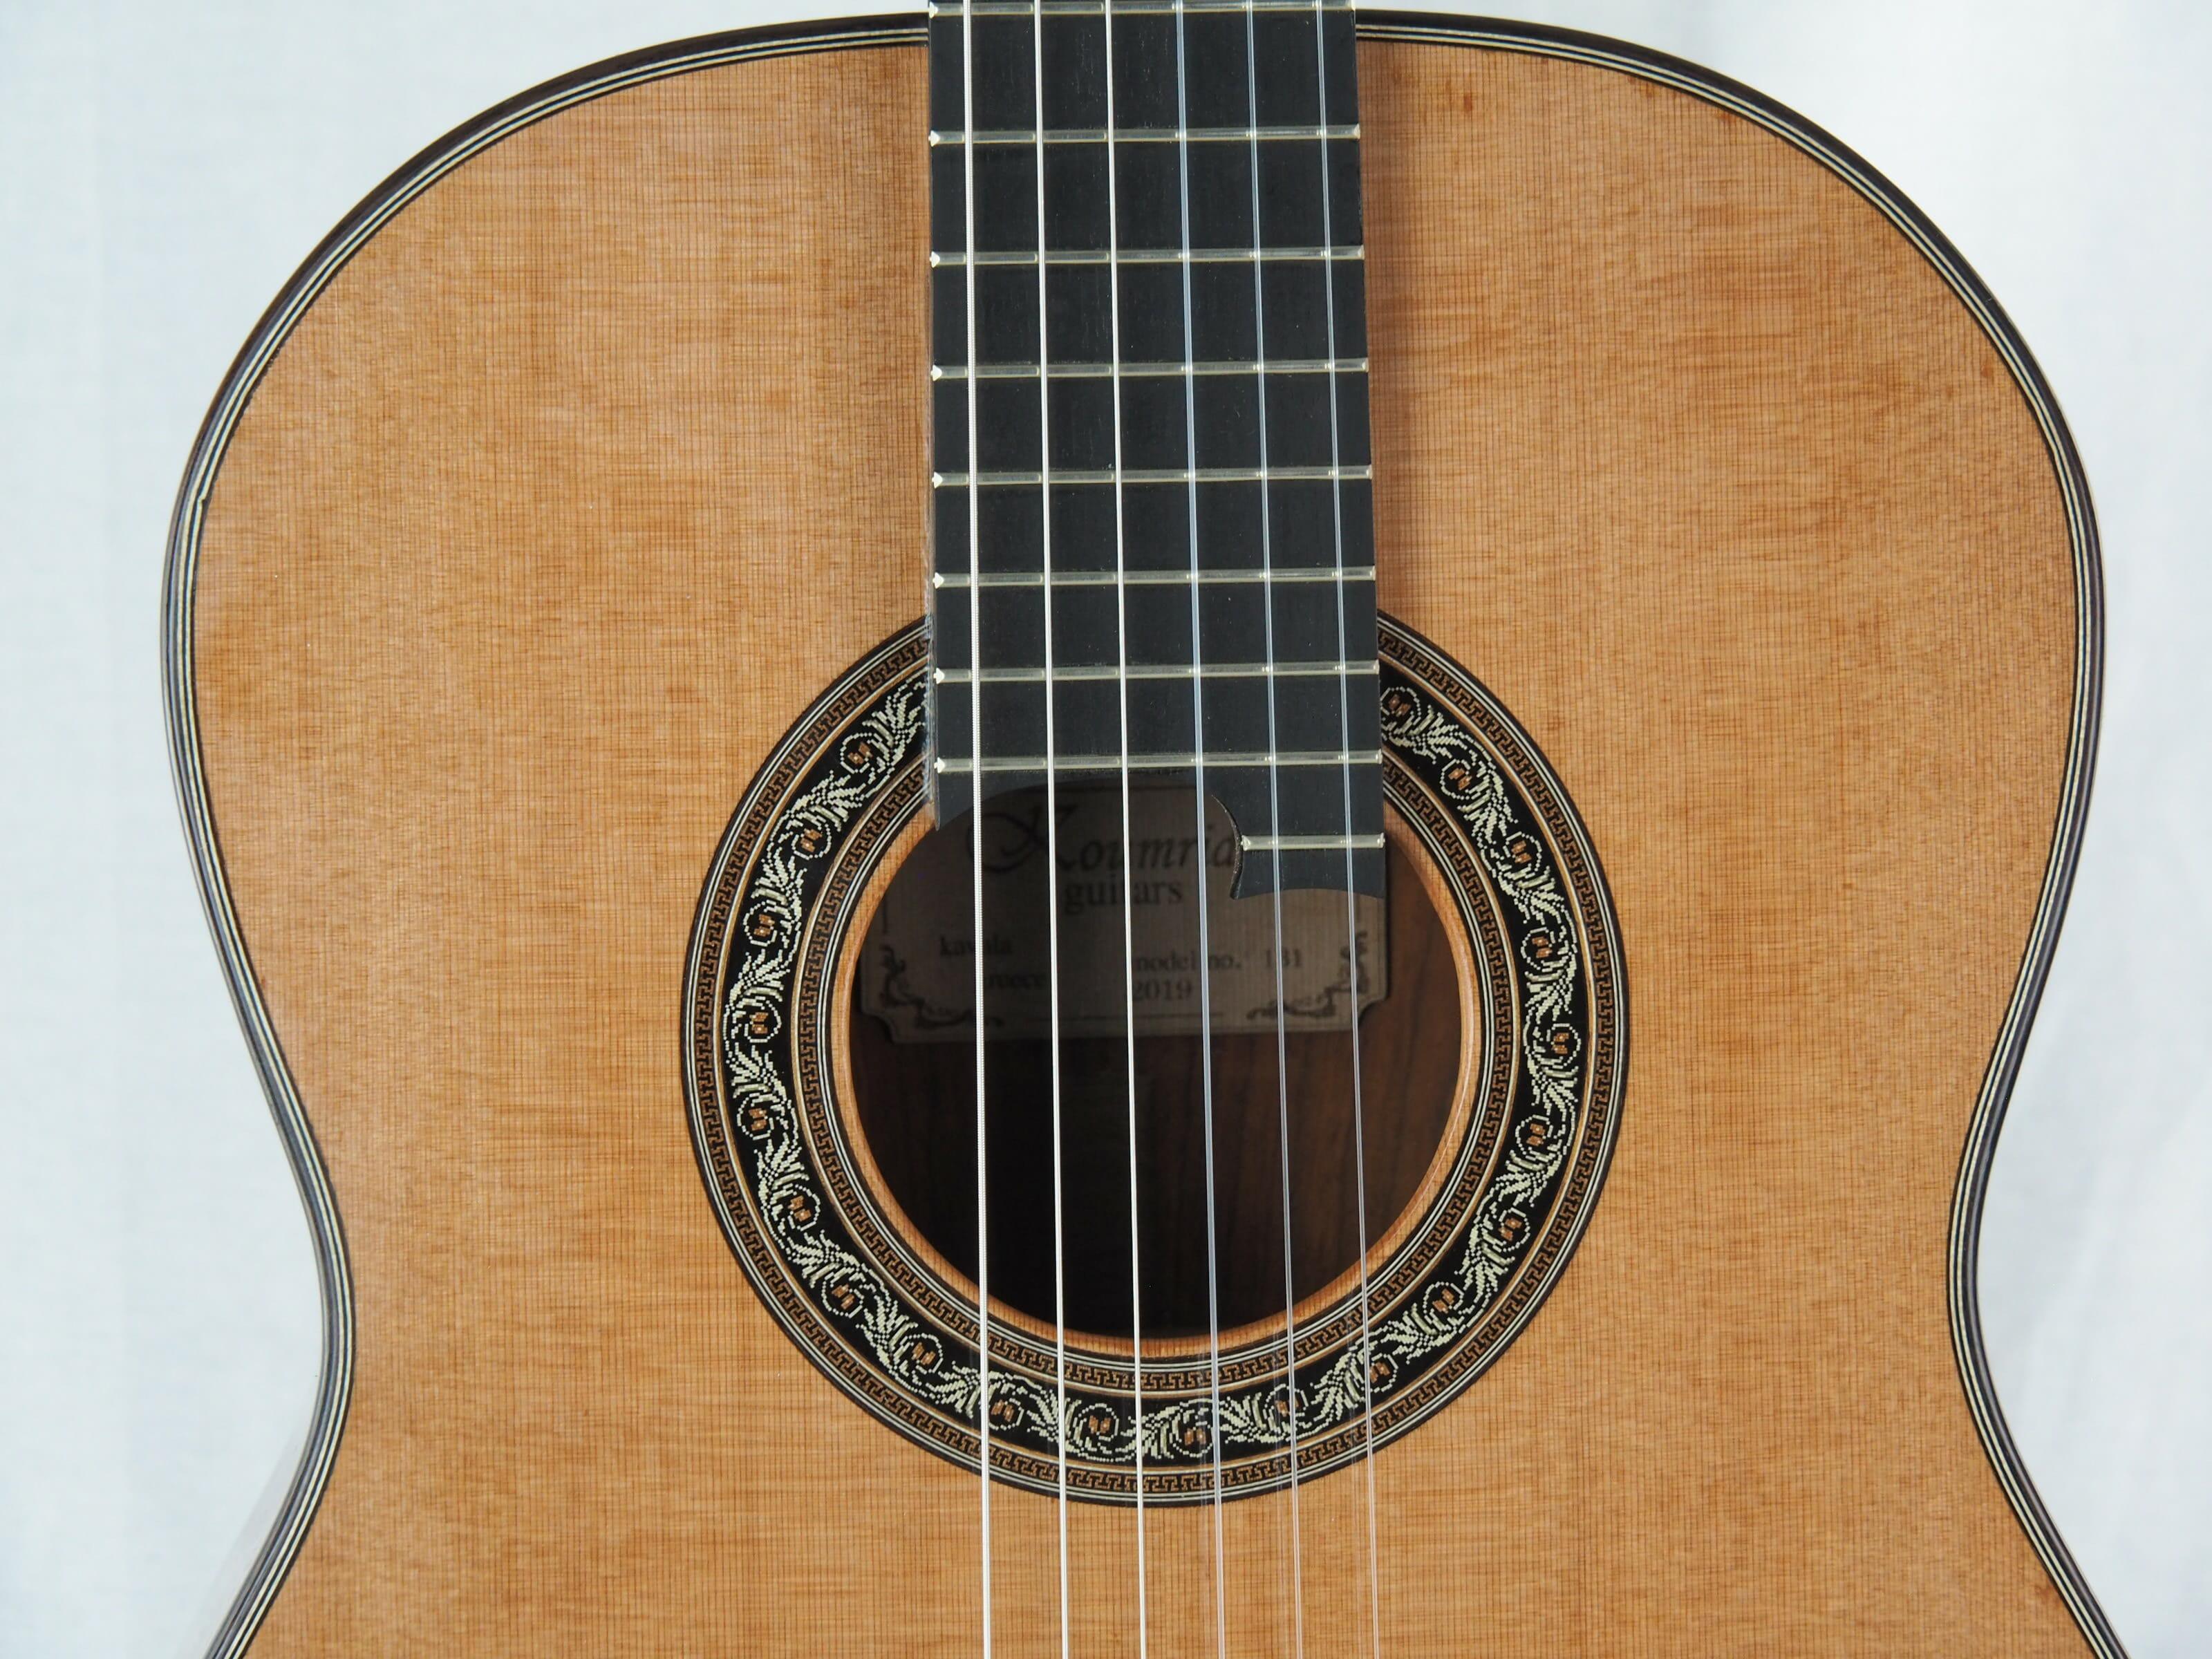 Charalampos Koumridis luthier guitare classique No 19KOU131-10